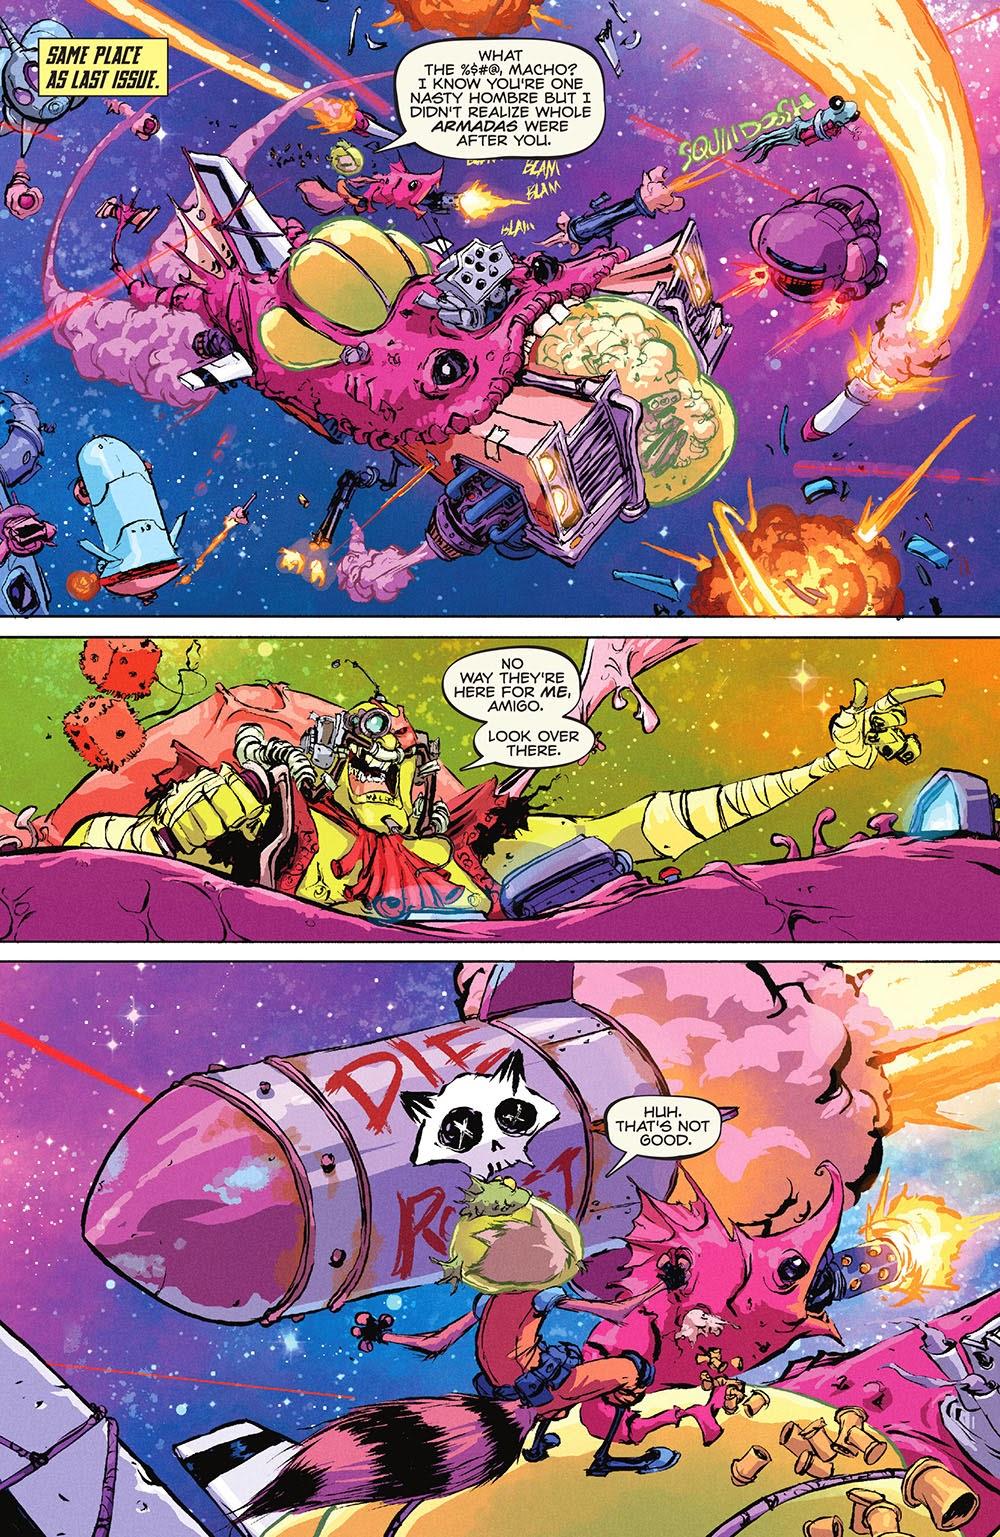 rocket raccoon 003 2014 u2026 u2026 u2026 u2026 u2026 u2026 u2026 viewcomic reading comics